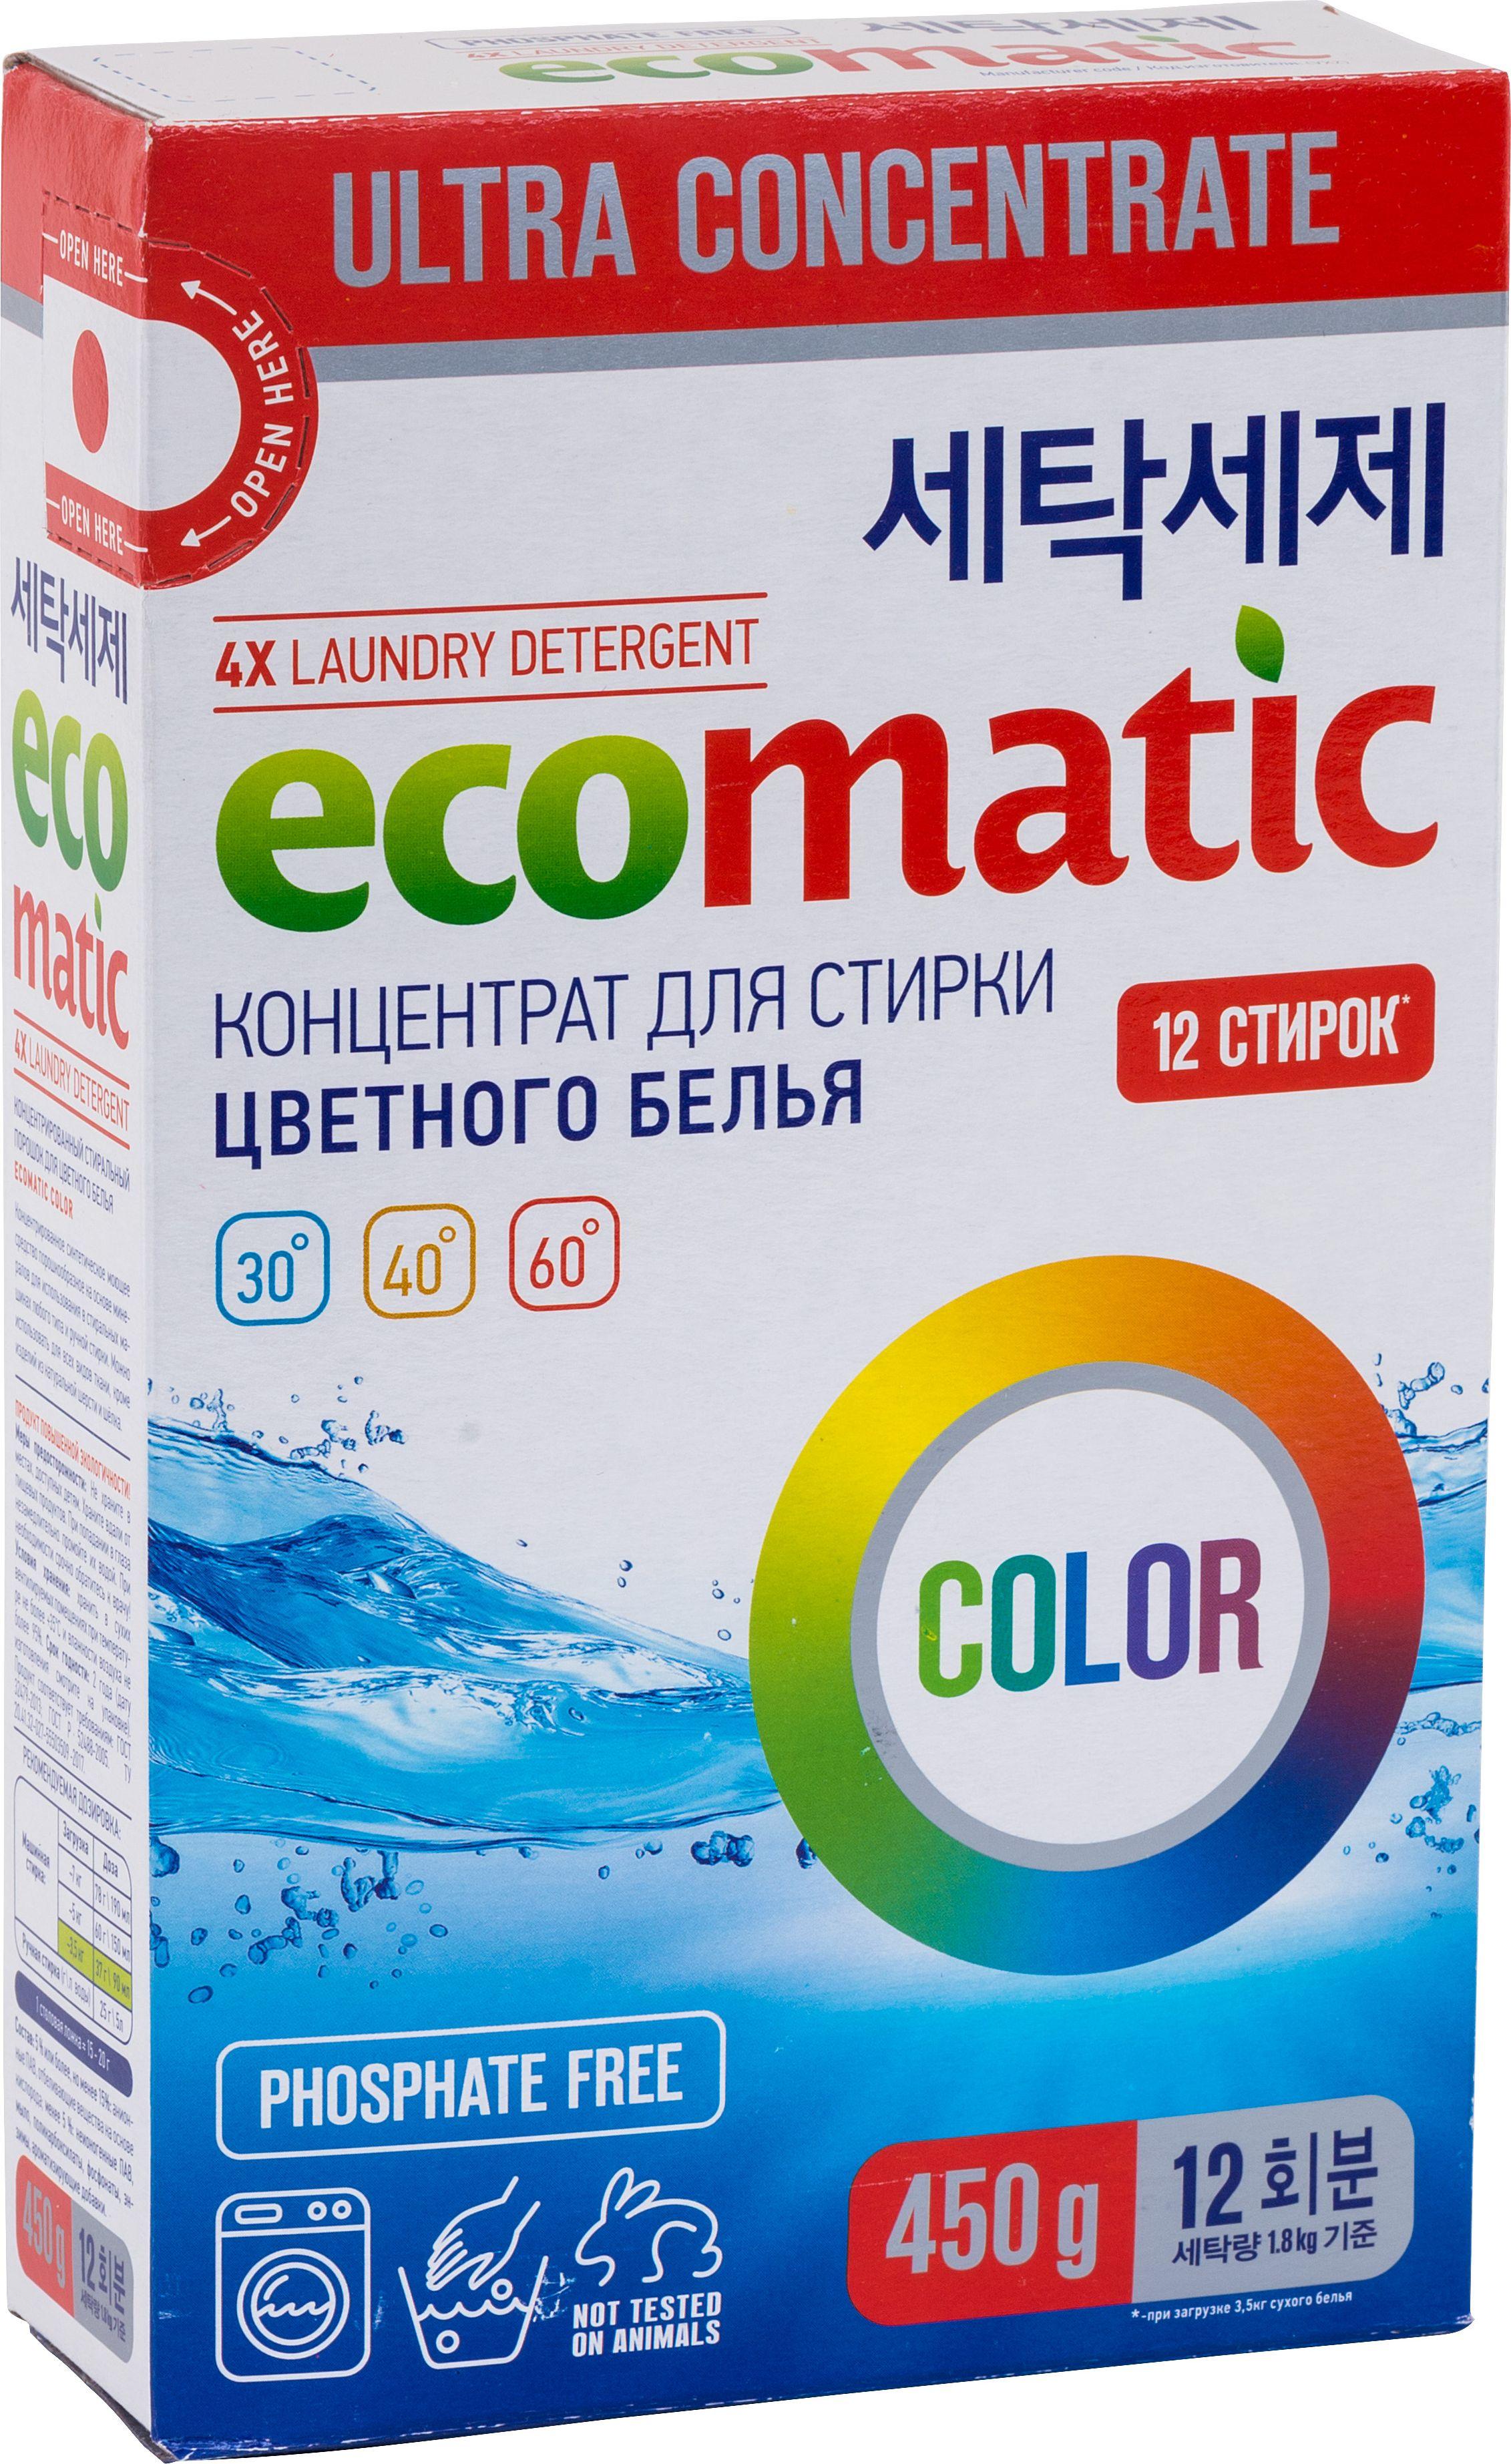 Концентрированный стиральный порошок Ecomatic Color, 450 г90198Концентрированный порошок для цветного белья. Основные свойства: - концентрированный стиральный порошок дляэффективной стирки цветного и белого белья; - адаптирован для стирки детского белья(не содержит эко-токсичных компонентов и нерастворимых наполнителей (цеолитов); - без фосфатов, без хлора, без оптических отбеливателей; - содержит кислородный эко-отбеливатель TOTAL OXYGEN; - Cистема Двойного Пеногашения (AFDS); - 4х концентрация (37мг = 1 стирка); - без хлора/ без силикона/ без оптических отбеливателей; - биоразлагаемая формула; ?- упаковано в России по лицензии C&E Co., Korea. РЕКОМЕНДАЦИЯ: - может использоваться для стирки белого белья и дезинфекции детского белья установите температуру стирки от 60 С до 95 С; - для обработки воротничков и манжетов, удаления застарелых пятен жира используйте Posh One Total Stain Remover ; - для удаления больших пигментных пятен (чай, кофе, вино, трава и пр.) используйте Posh One Total Oxy Gen ; Сегодня все более востребованными становятся экологические безопасные средства для стирки и уборки. Люди все чаще задумываются о своем здоровье и здоровье своей семьи. Особенно, если есть маленькие дети, которые очень чувствительны к любой химии. Именно поэтому становятся популярными порошки без хлора и фосфатов.Мы хотим предложить вам качественное средство, которое отвечает всем необходимым стандартам и параметрам. Стиральный порошок без фосфатов Ecomatic Color прекрасно подойдет для стирки белого (t = 60-90) или цветного белья (t = 30-40).Специальная формула позволяет бережно очищать ткань, при этом удаляя малейшие загрязнения и придавая вещам ненавязчивый свежий аромат. Его состав безопасен не только для взрослых, но и для маленьких детей. В нем нет нерастворимых наполнителей (цеолитов), а сам порошок состоит из биоразлагаемых компонентов. Порошок длительное время помогает сохранять первоначальный цвет ткани, так что ваши вещи и постельное белье смогут долго сохранять св